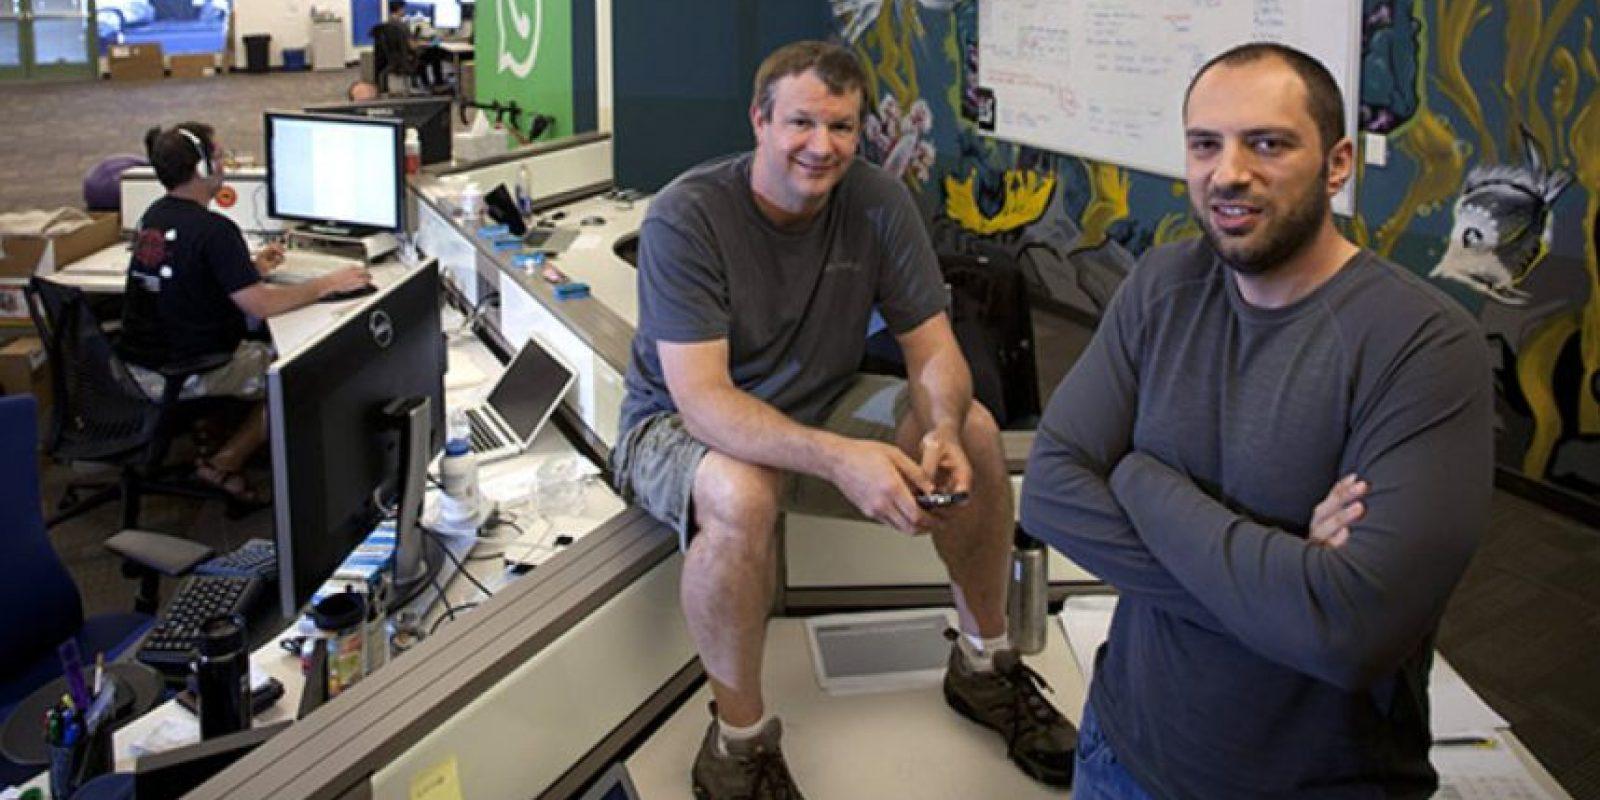 Jan Koum junto con Brian Acton, fundadores de WhatsApp. Foto:Cortesía